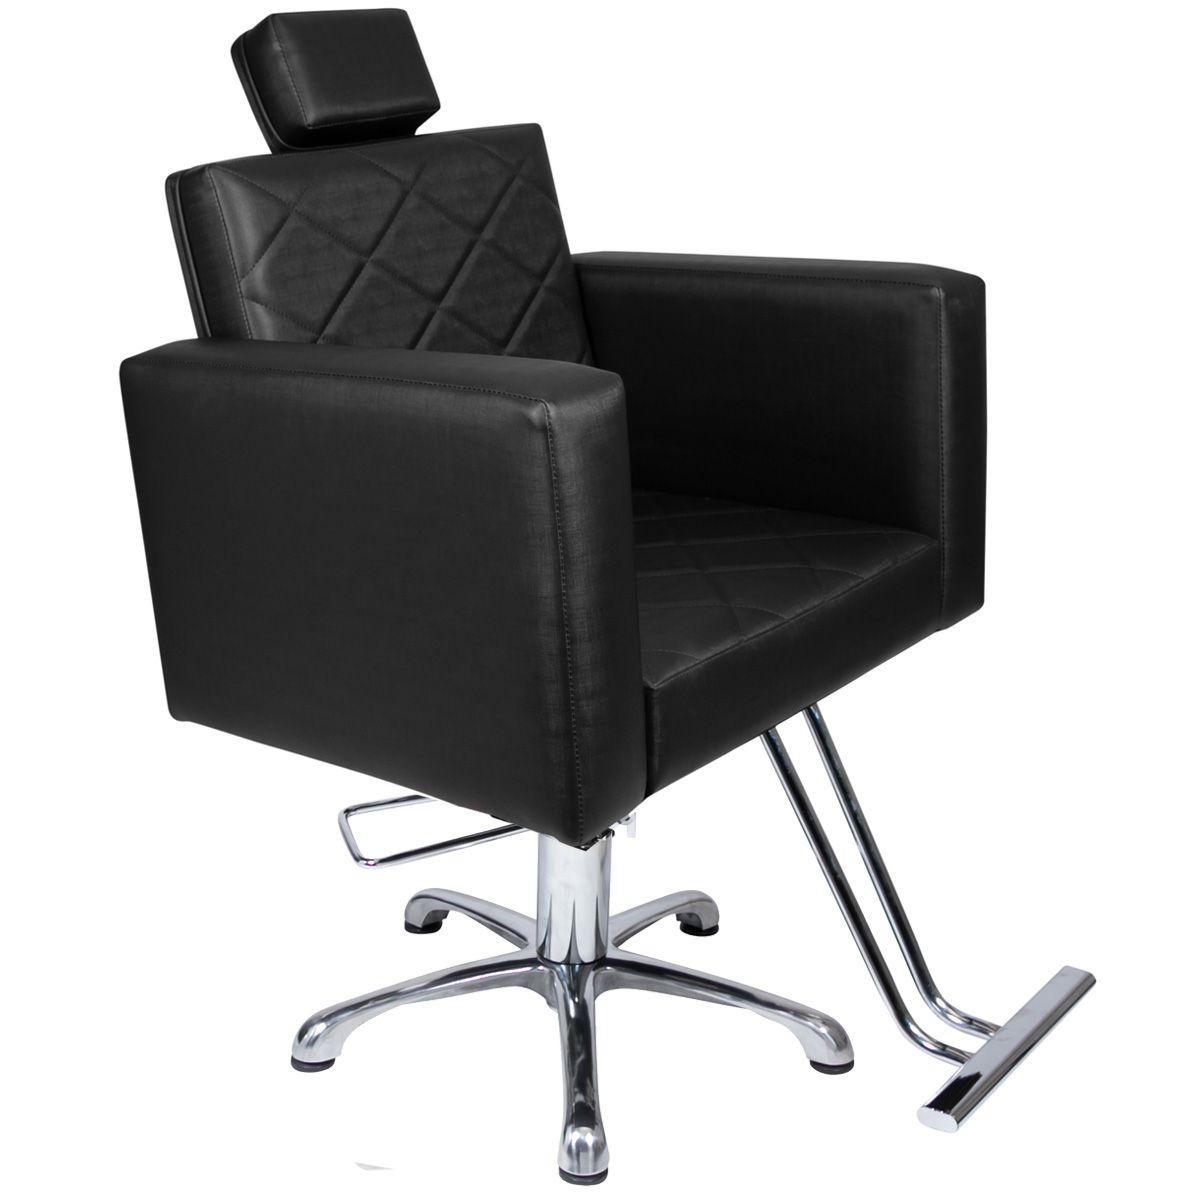 Poltrona Cadeira Hidráulica Evidence Fixa Para Salão